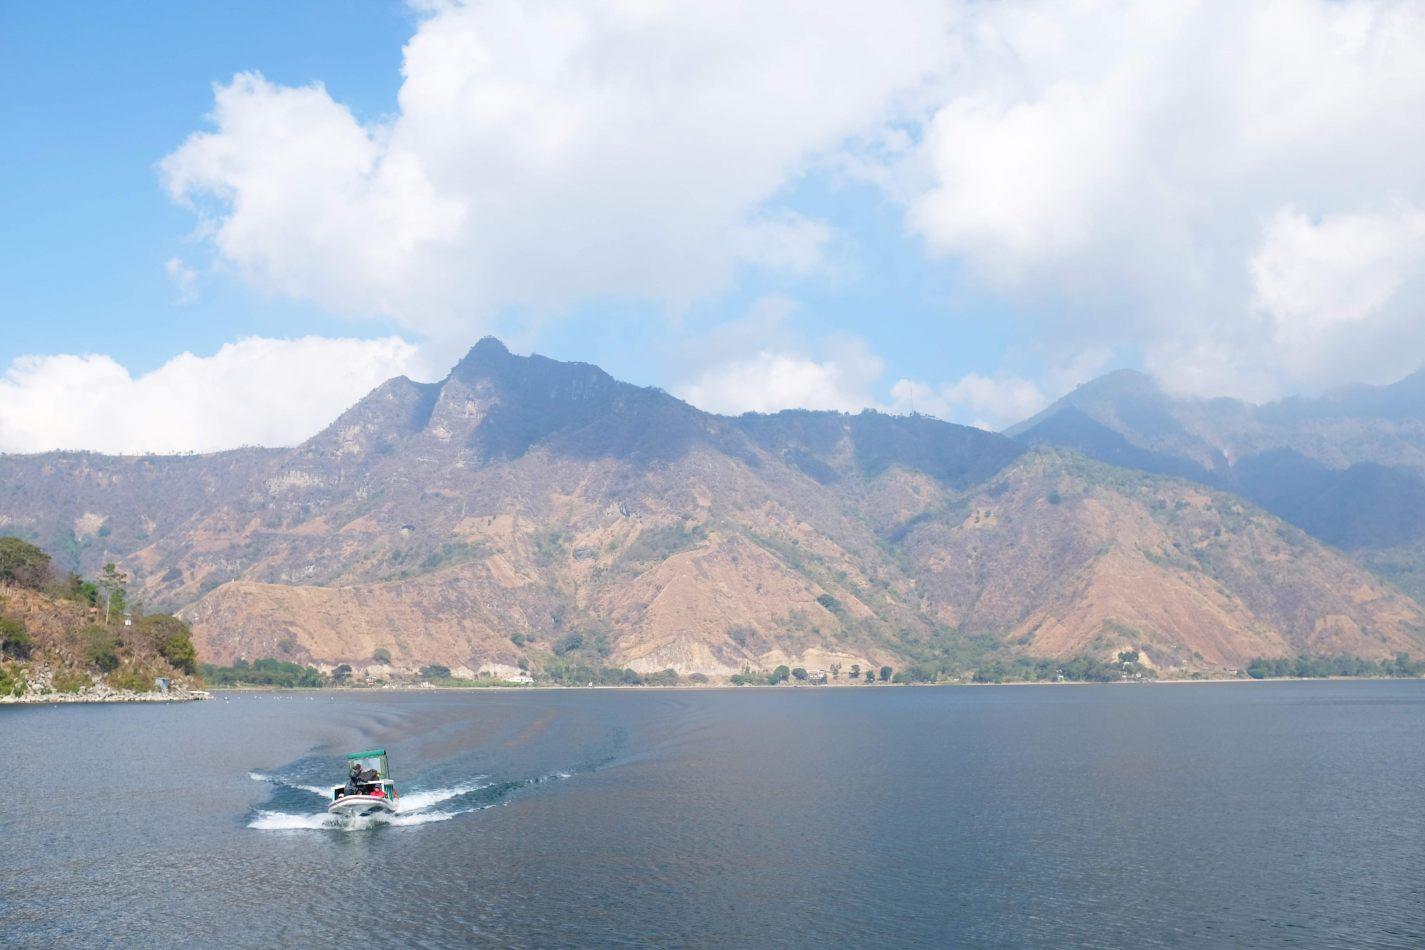 Hibiscus & Nomada : Lake Atitlan - Lake Atitlan